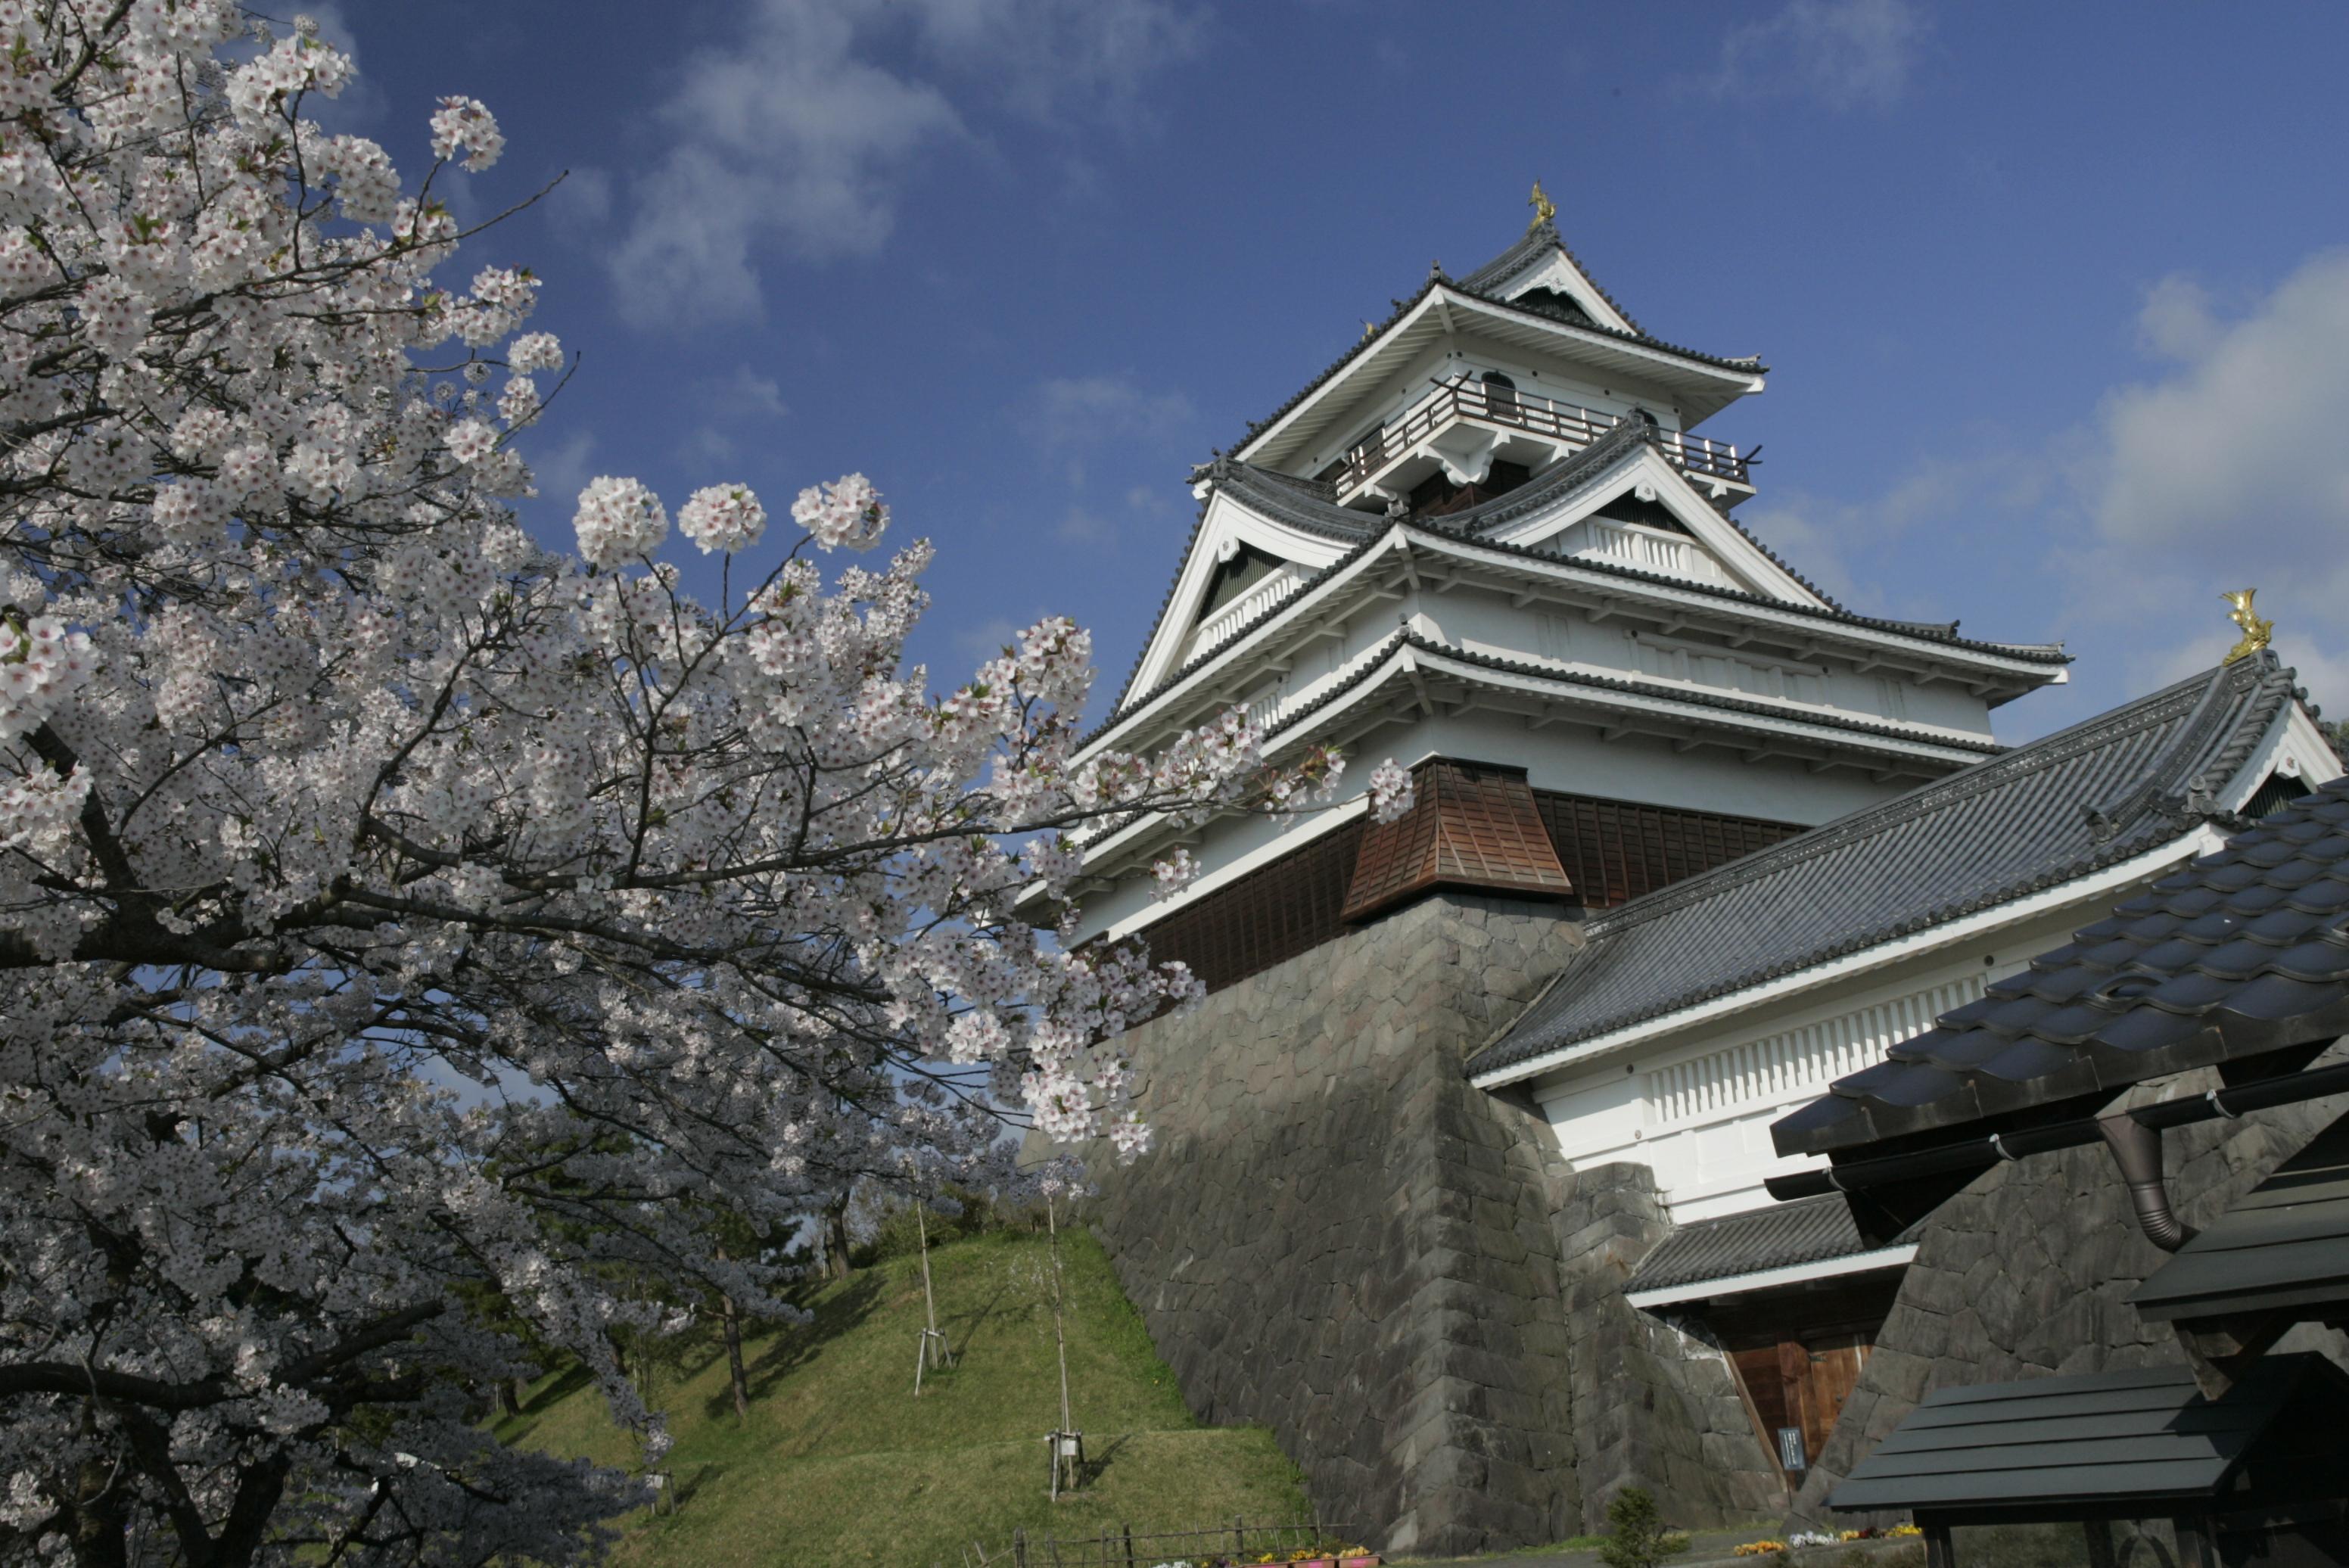 上山市観光物産協会おすすめ情報!上山の人気温泉や観光スポットは?